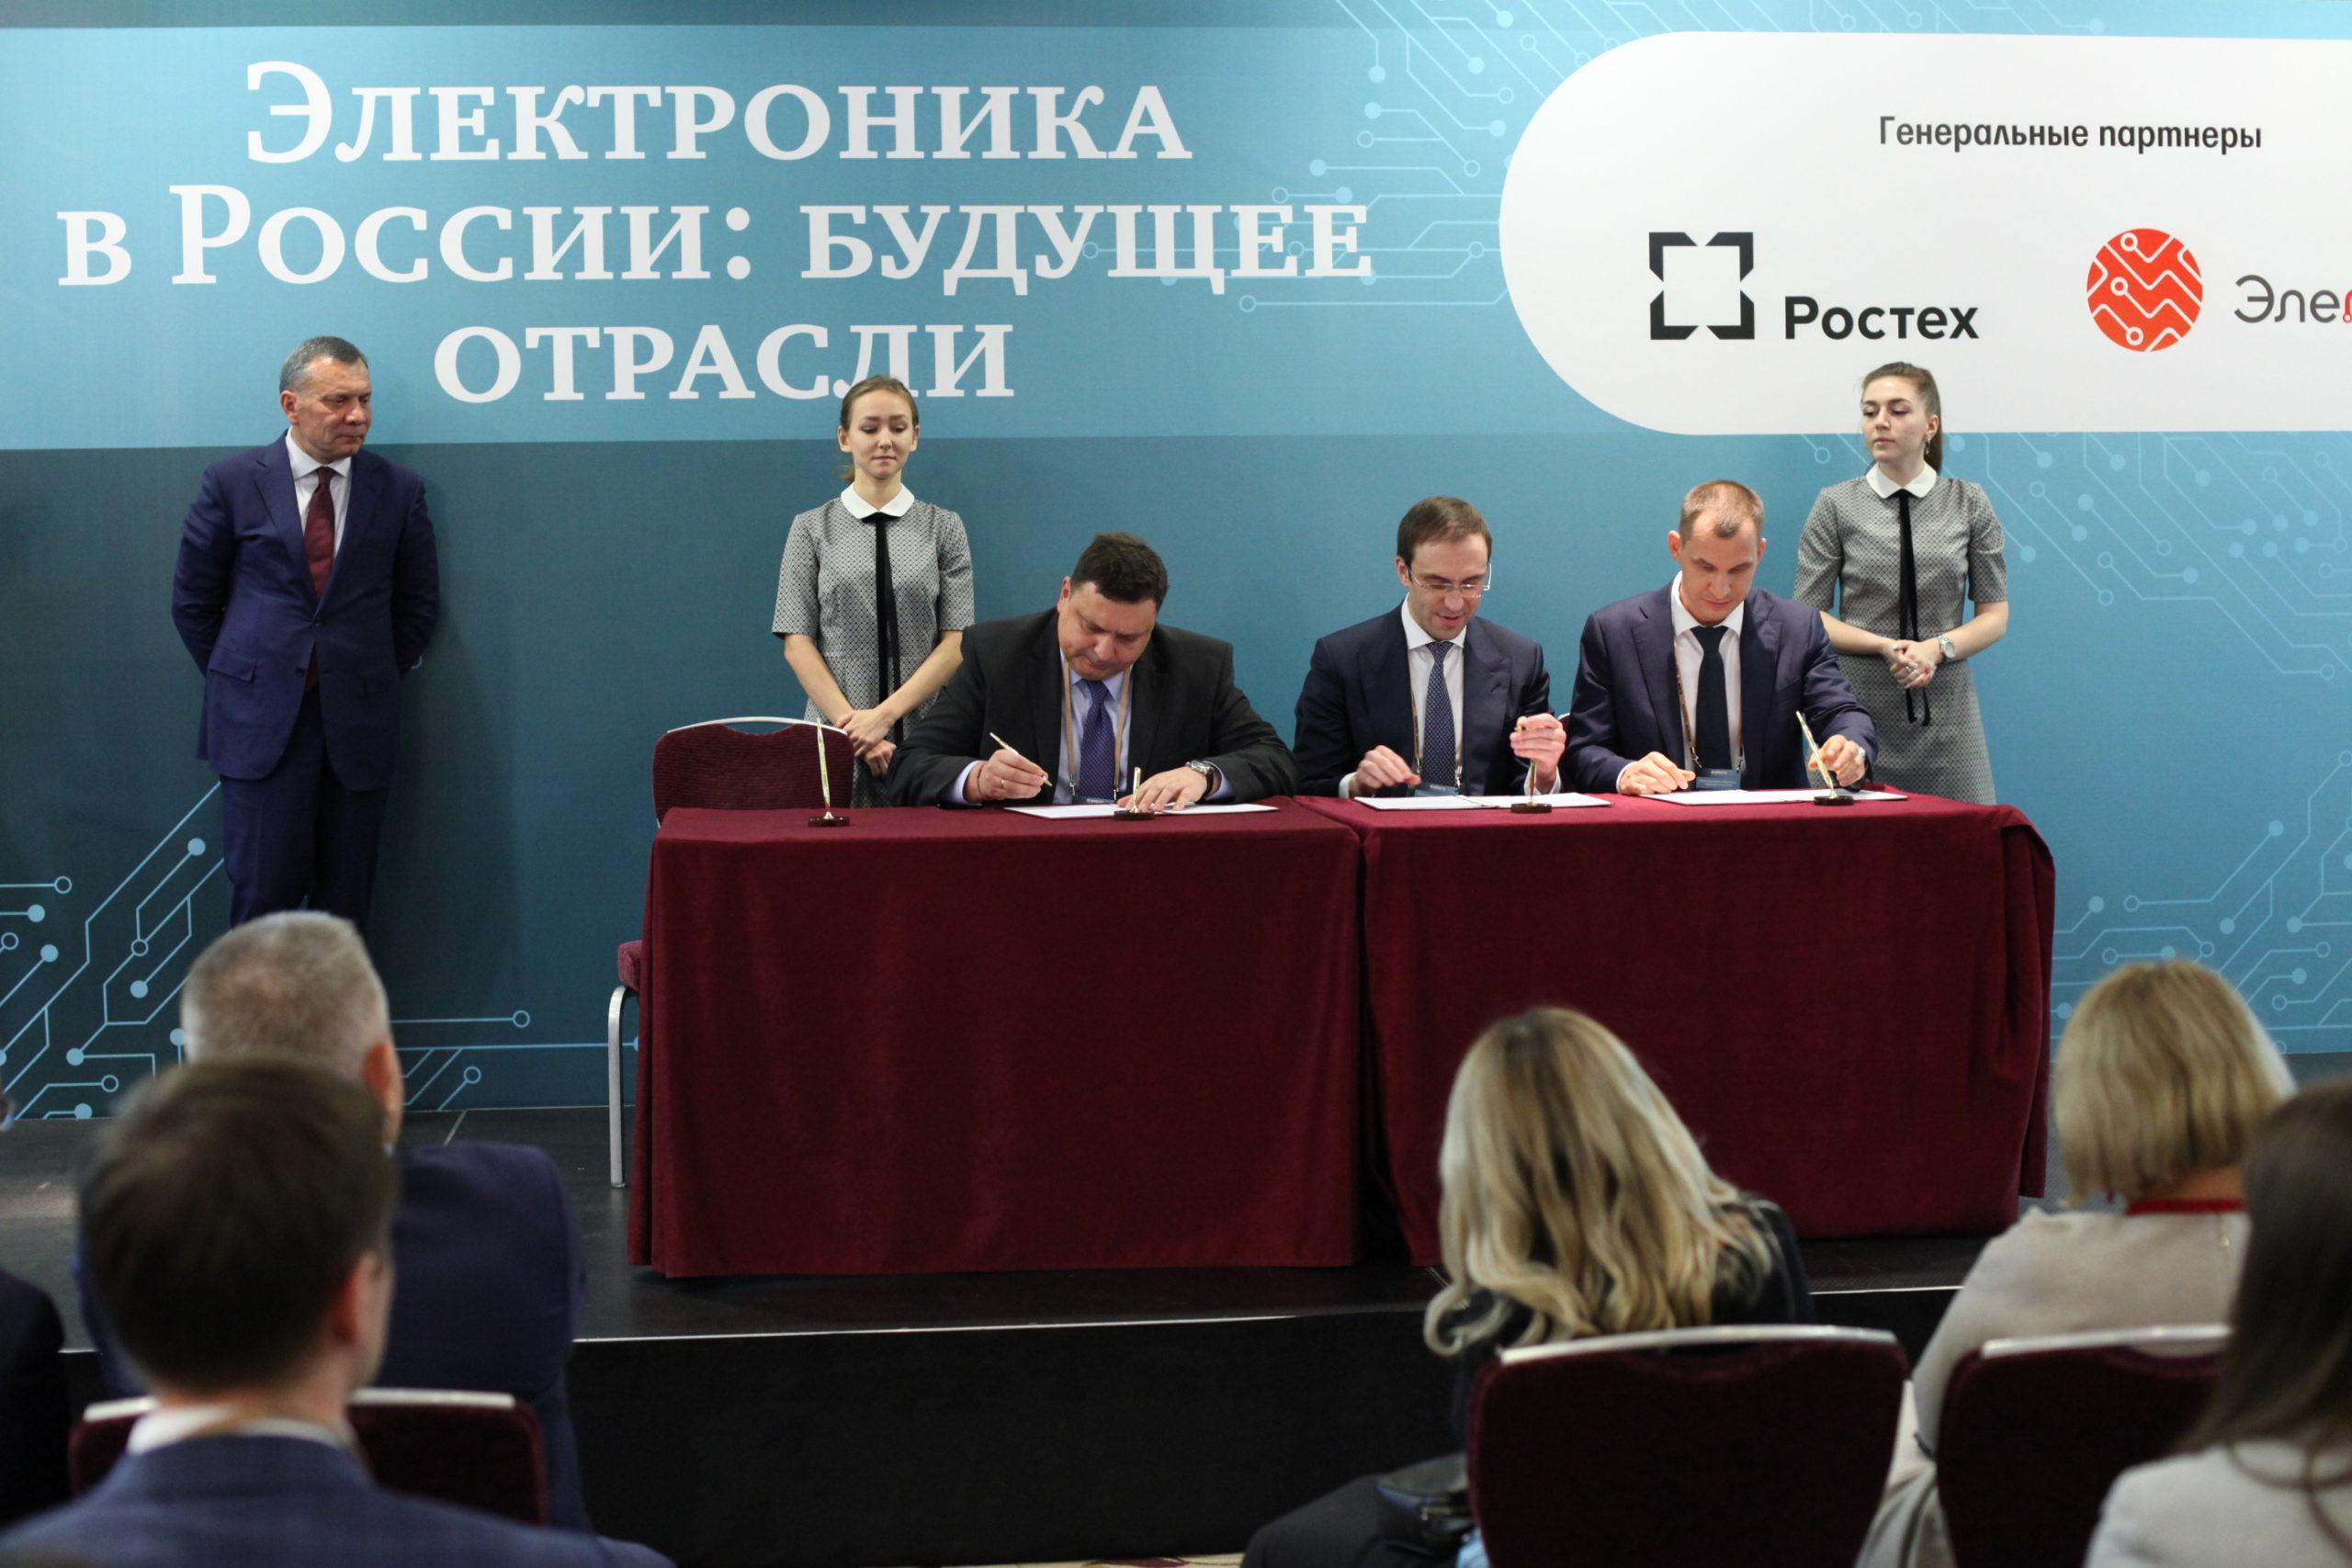 Лидеры отечественного рынка микроэлектроники подписали соглашение о создании Консорциума отраслевого сообщества